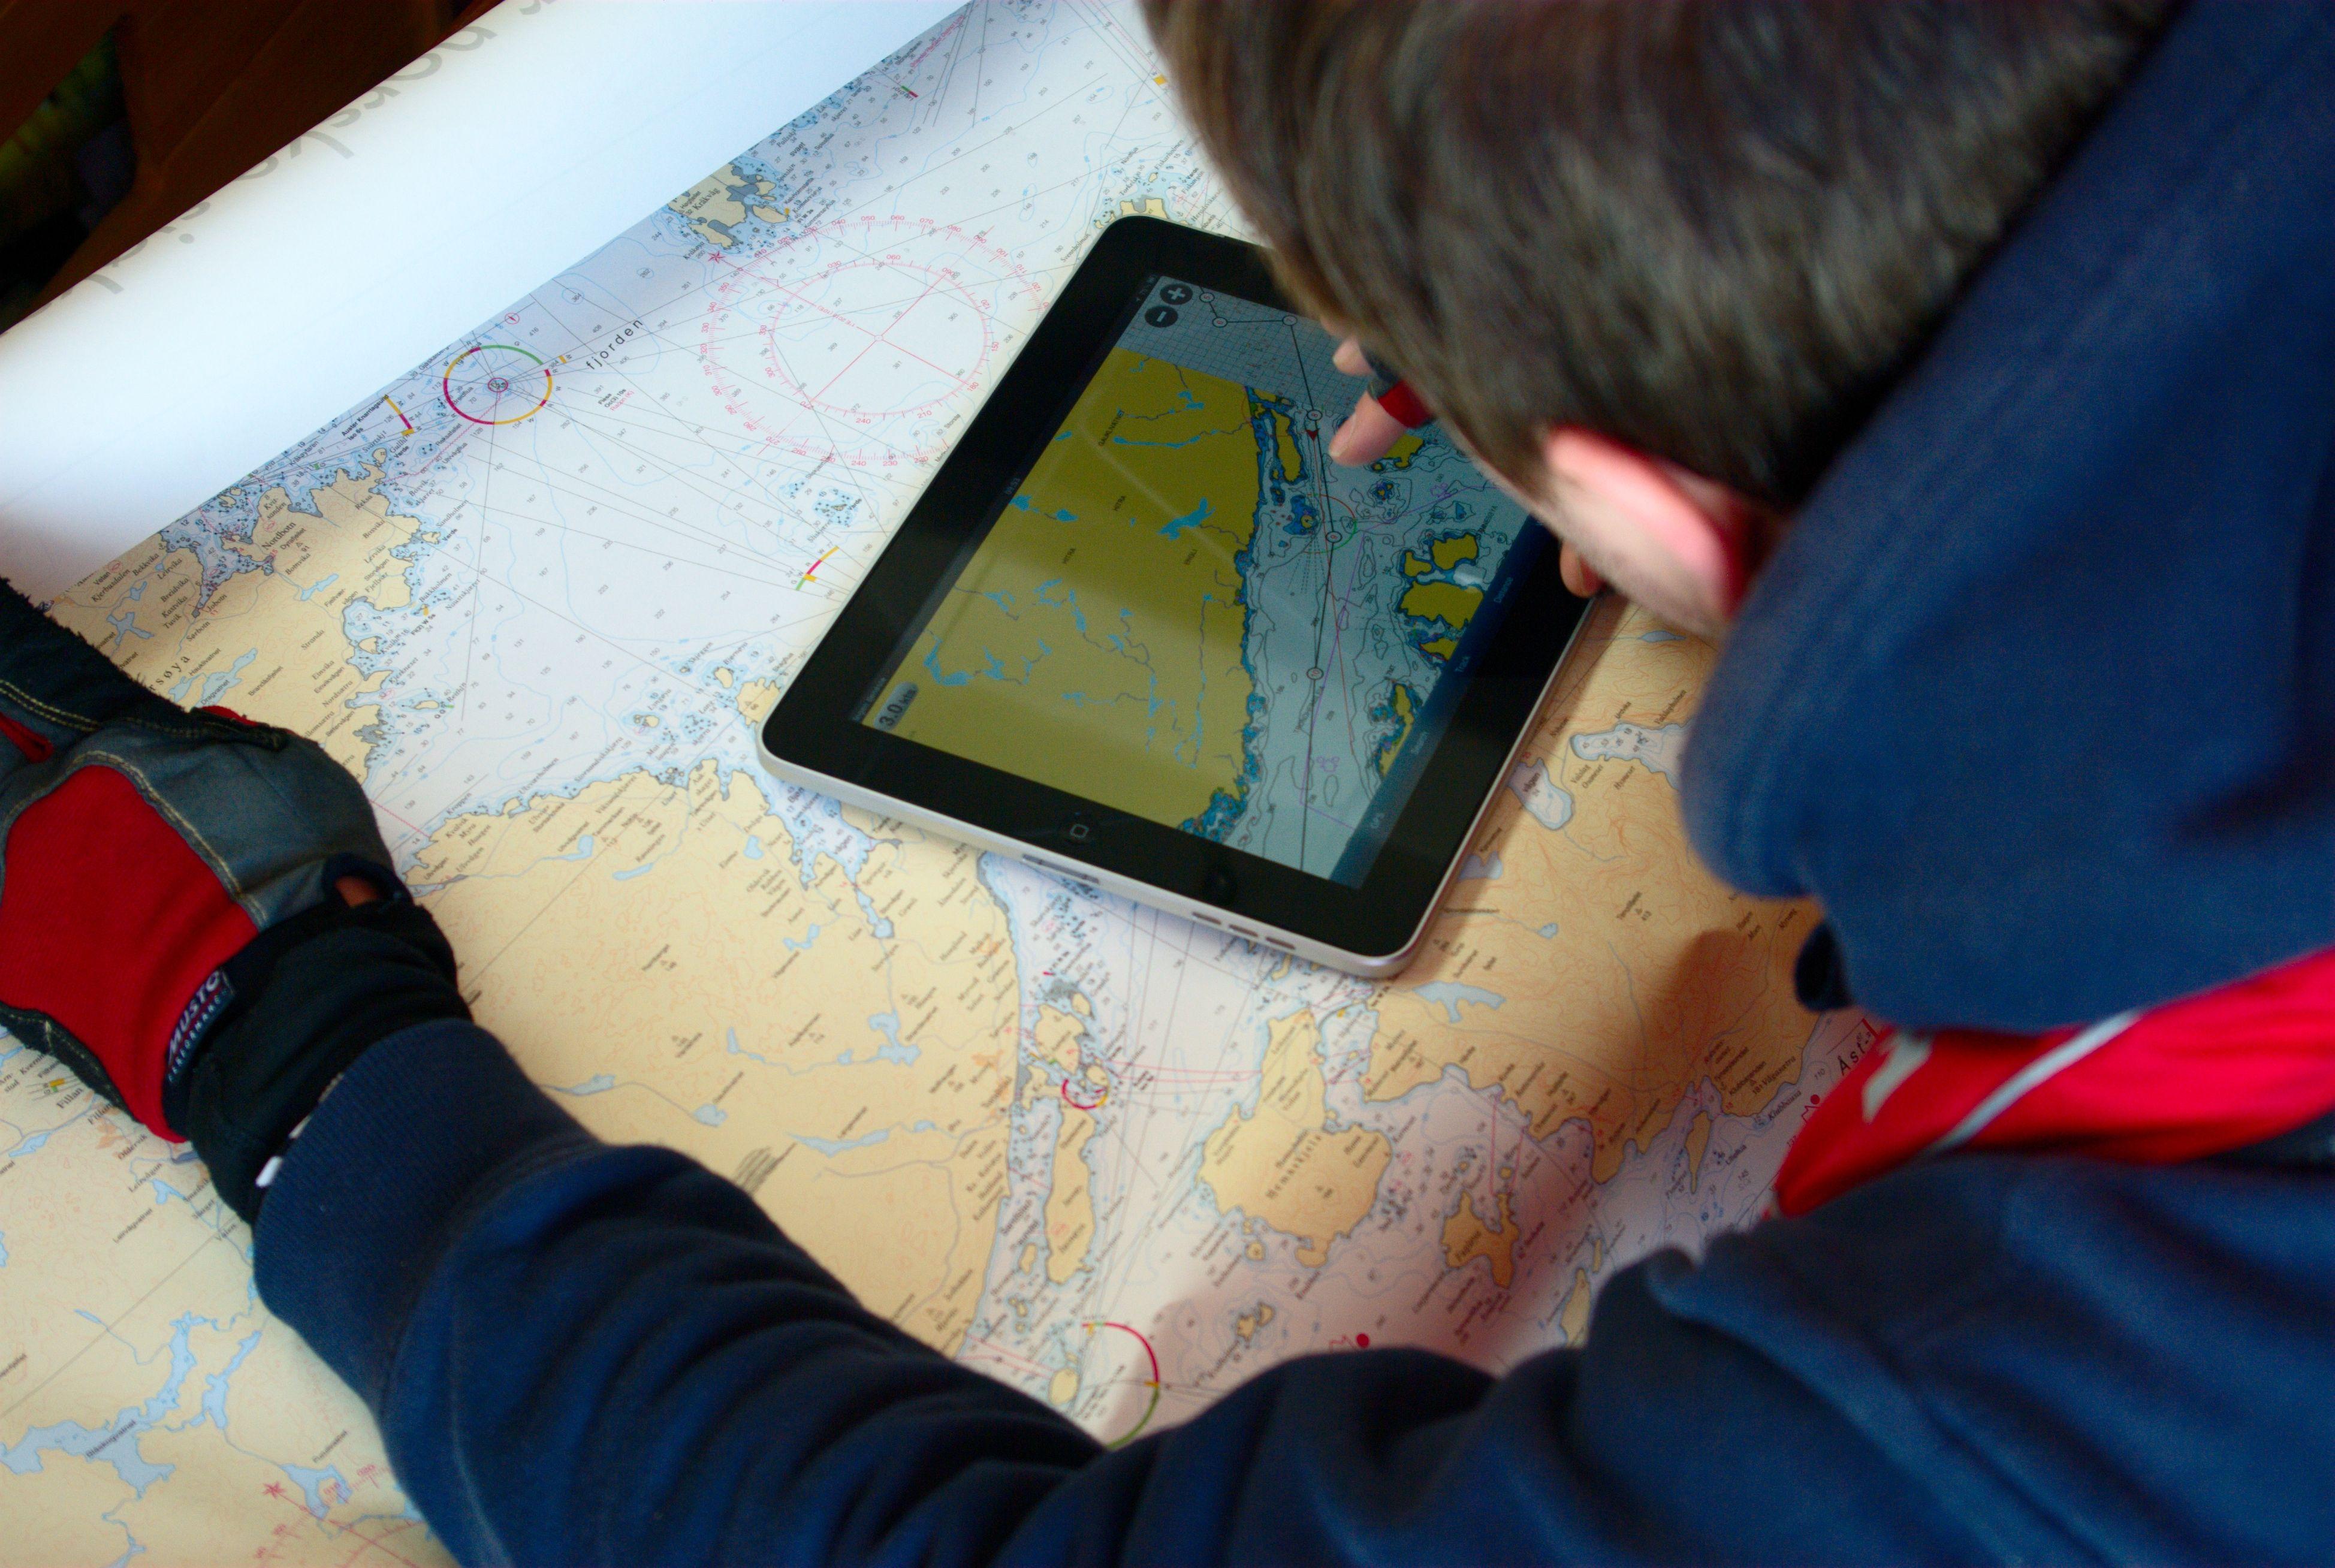 iPad koster forbausende lite når man sammenligner med vanlige kartplottere og sjøkart.